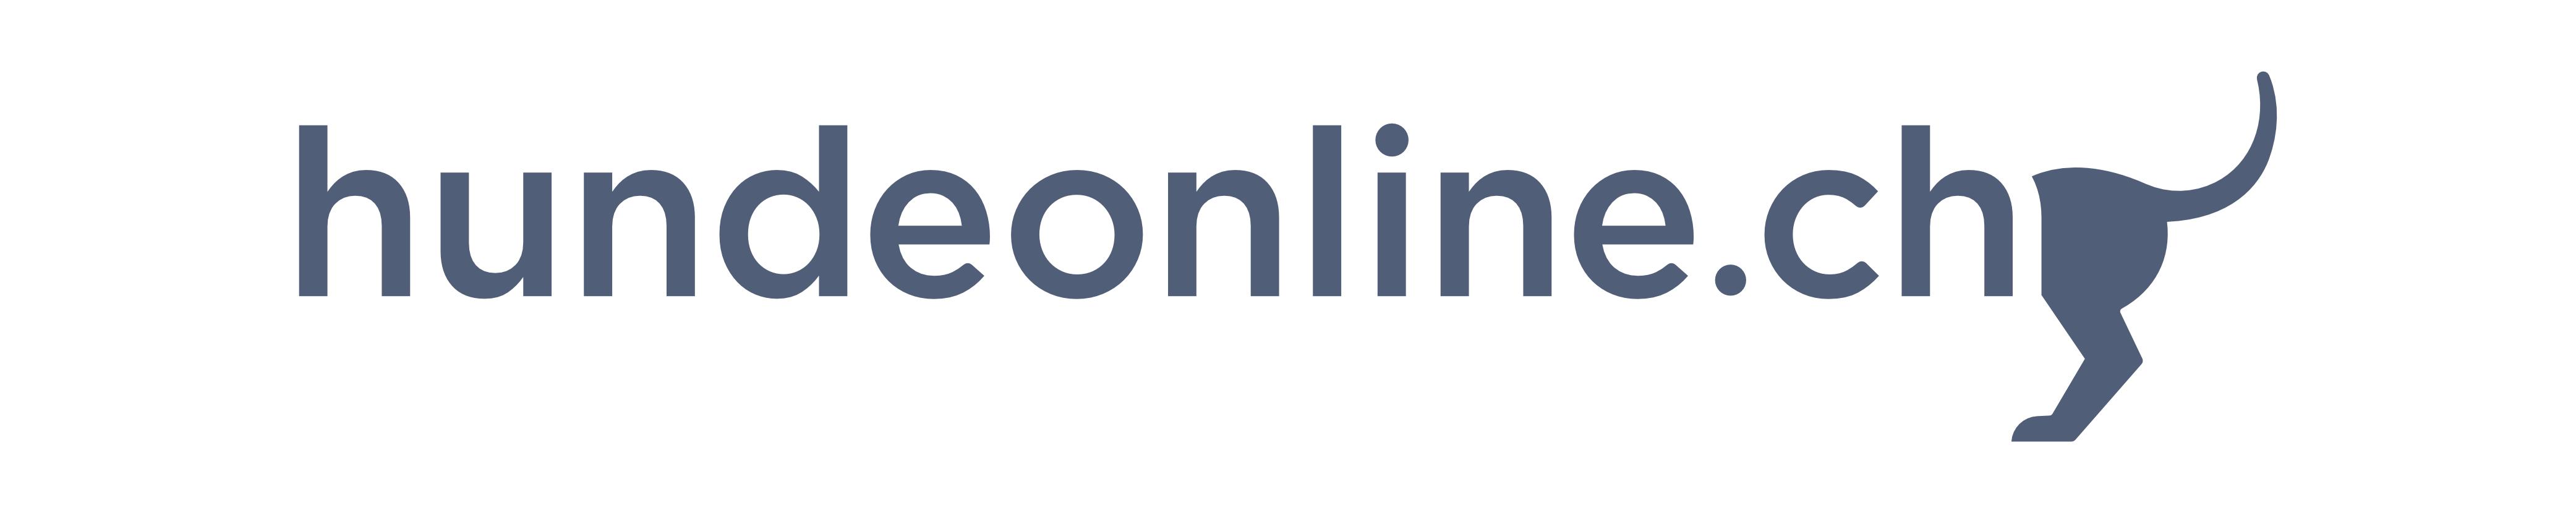 hundeonline.ch